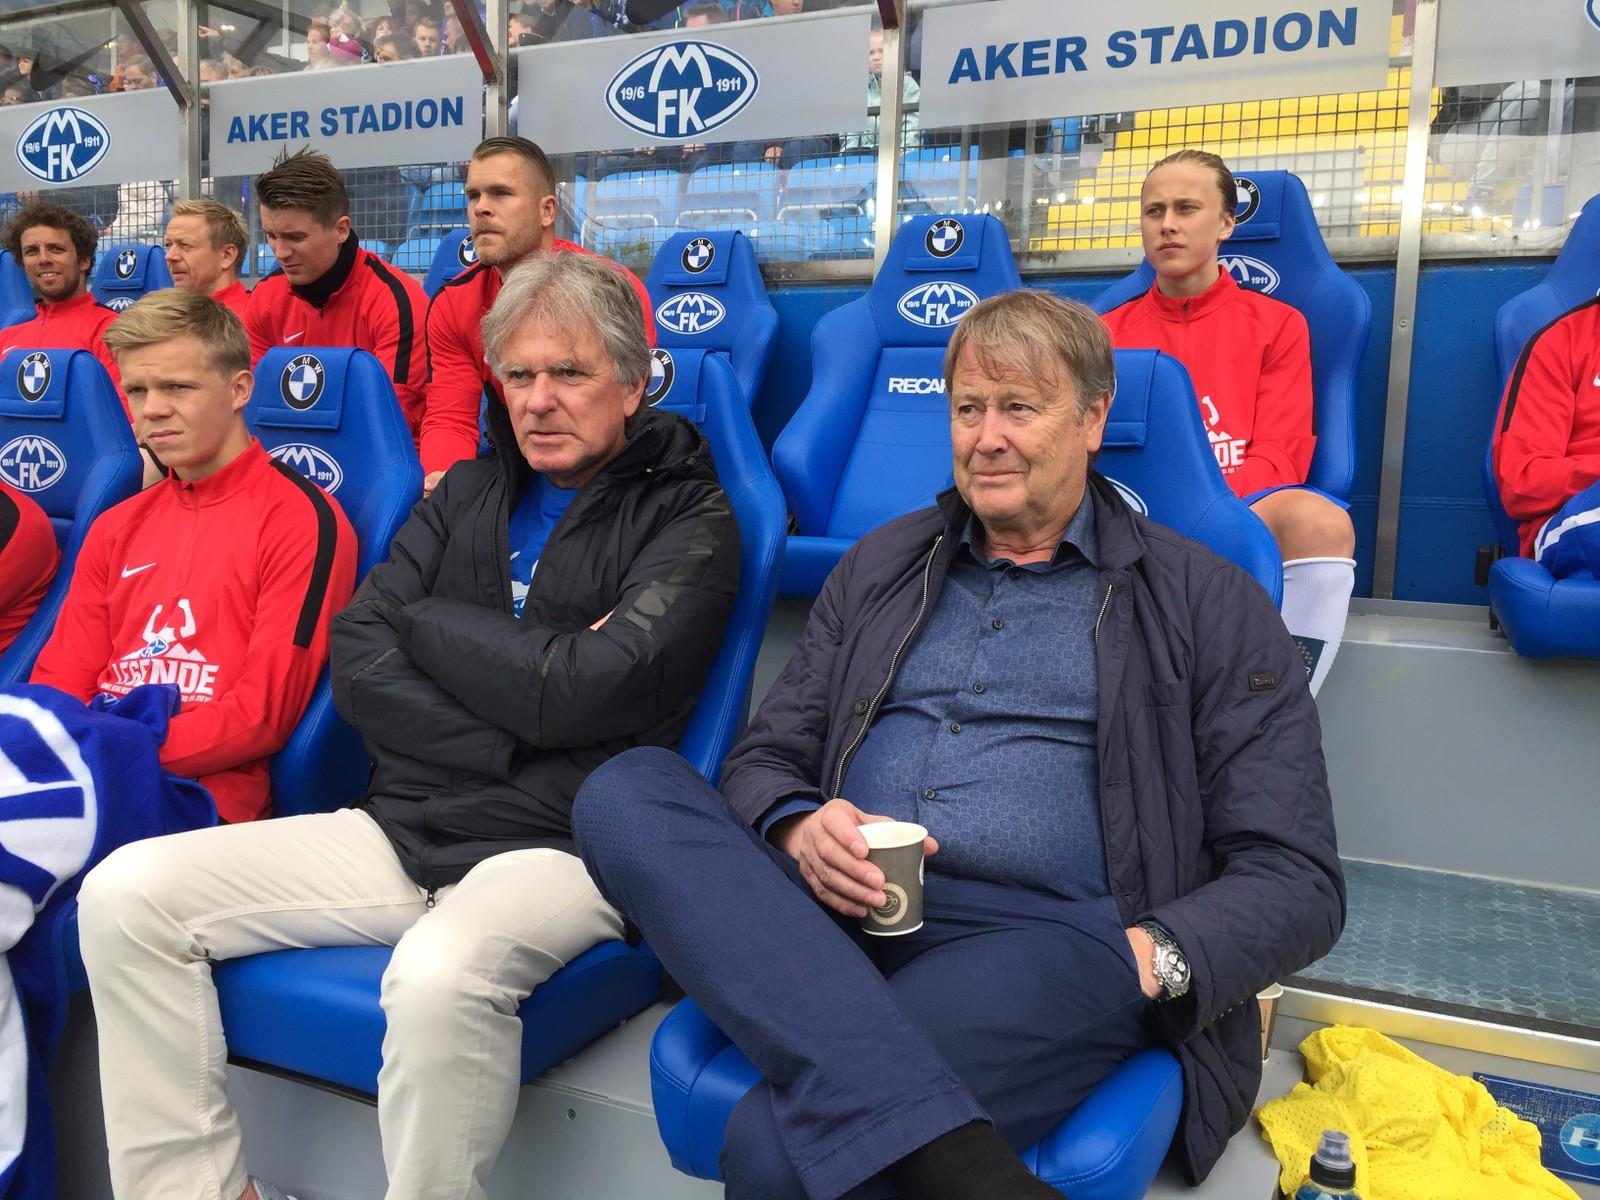 TRENERE: Åge Hareide og Erik Brakstad er trenere for Berg Hestads lag.